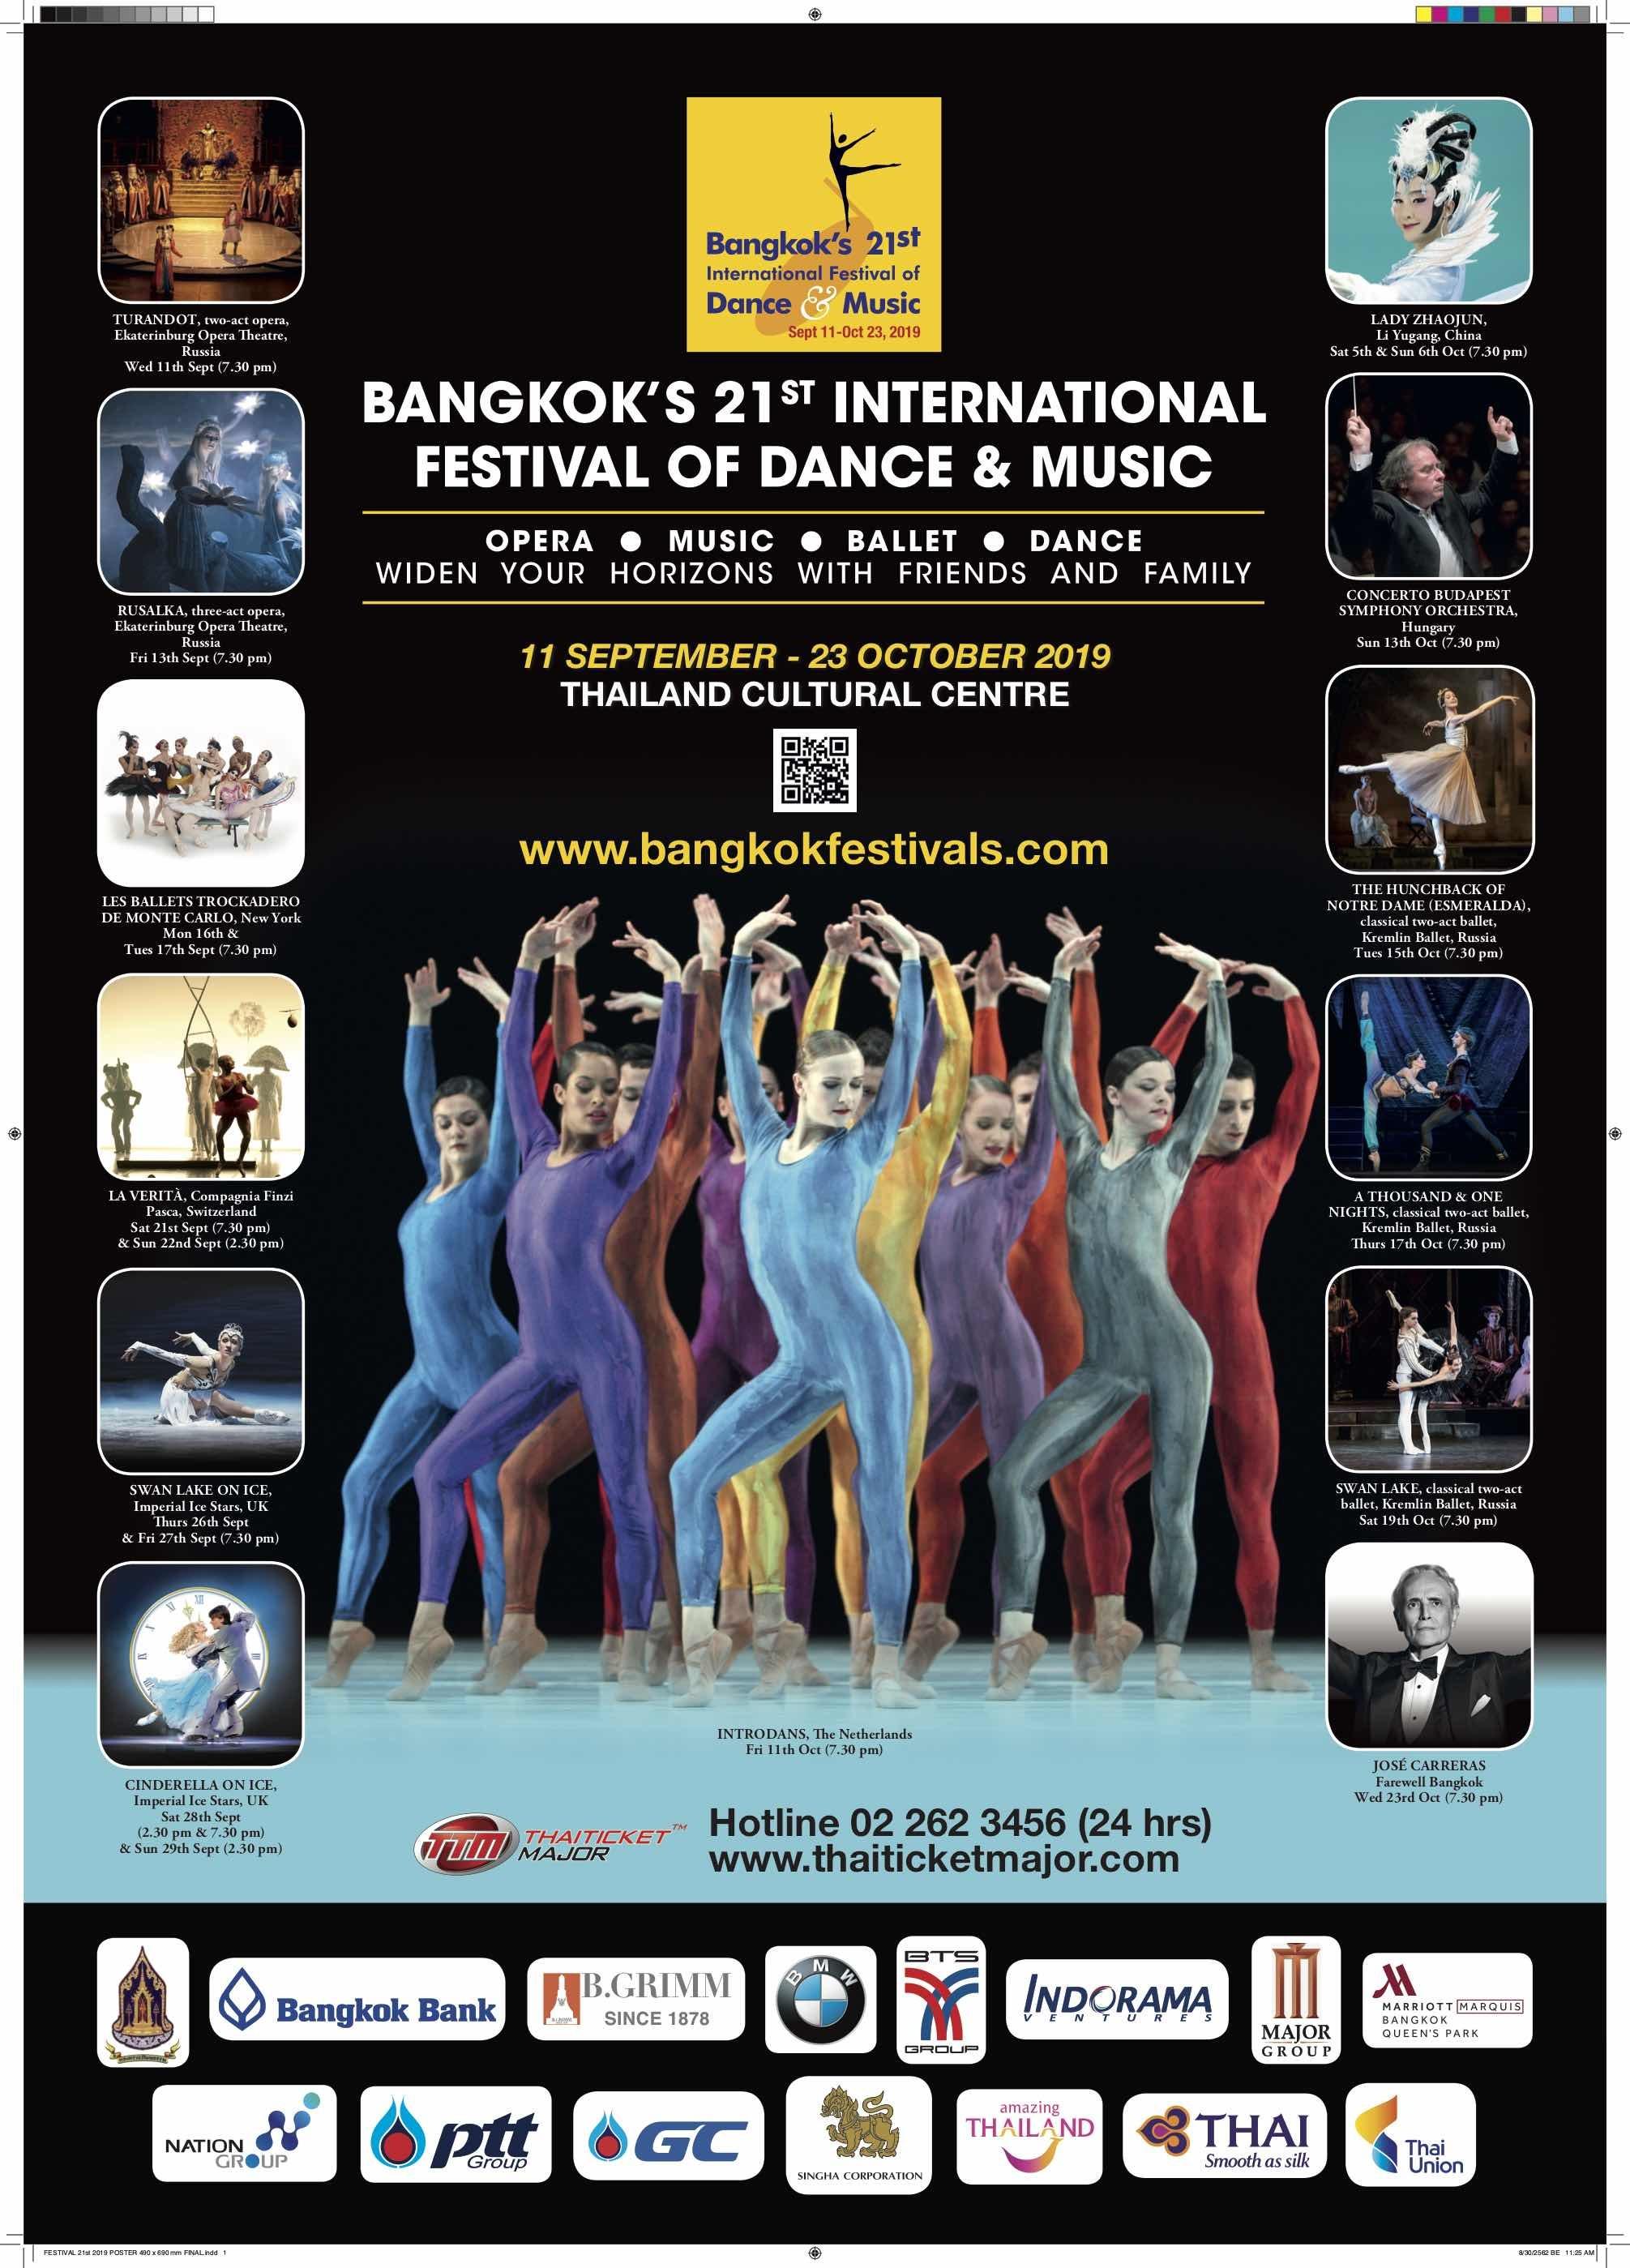 今や毎年恒例となった国際芸術祭「第21回バンコクインターナショナルダンス&ミュージックフェスティバル